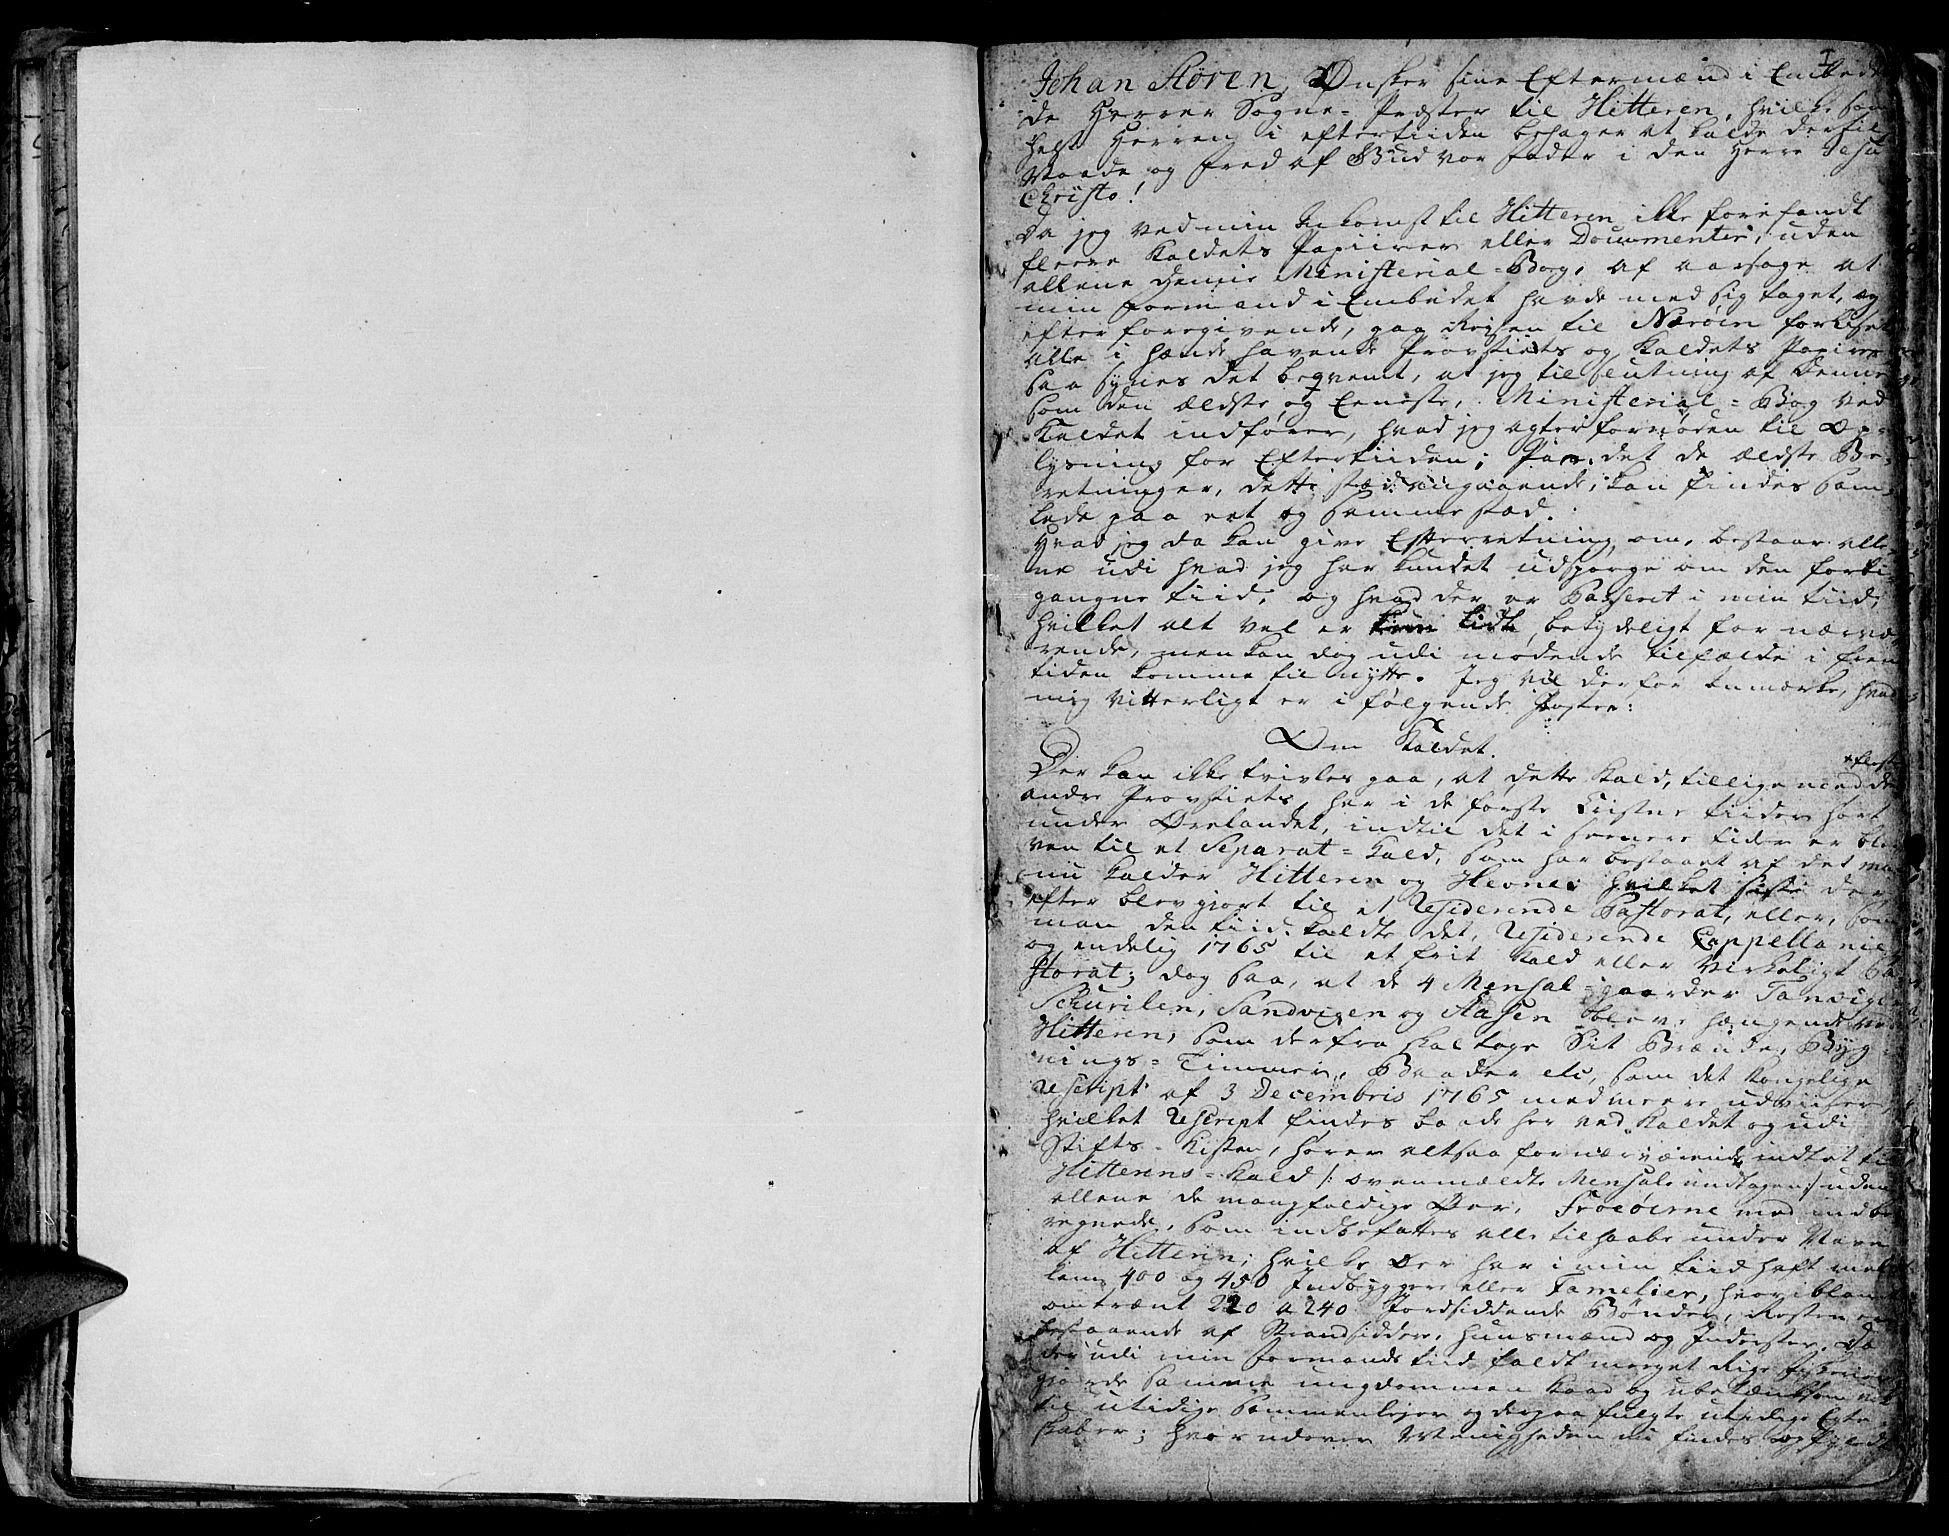 SAT, Ministerialprotokoller, klokkerbøker og fødselsregistre - Sør-Trøndelag, 634/L0525: Ministerialbok nr. 634A01, 1736-1775, s. 309